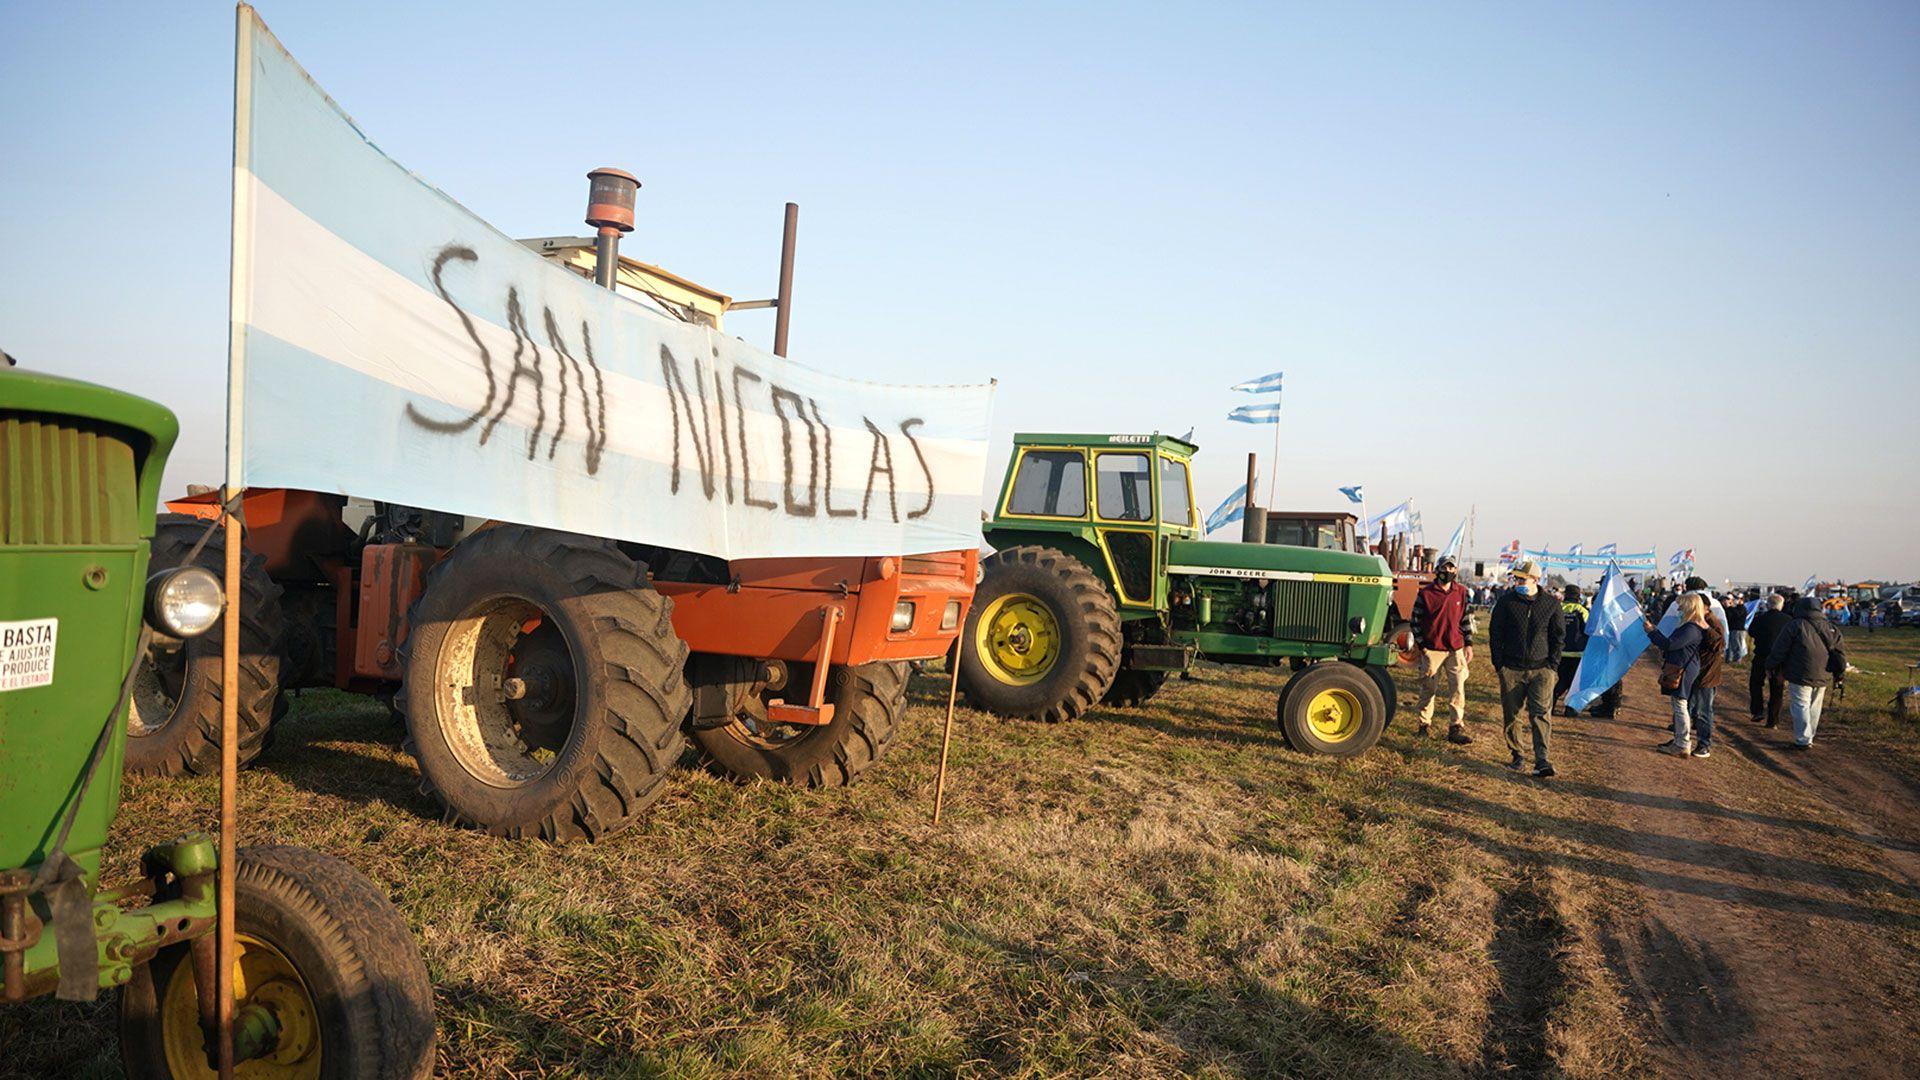 marcha-protesta-del-campo-hoy-9-de-julio-en-contra-del-gobierno-y-las-importaciones san nicolas